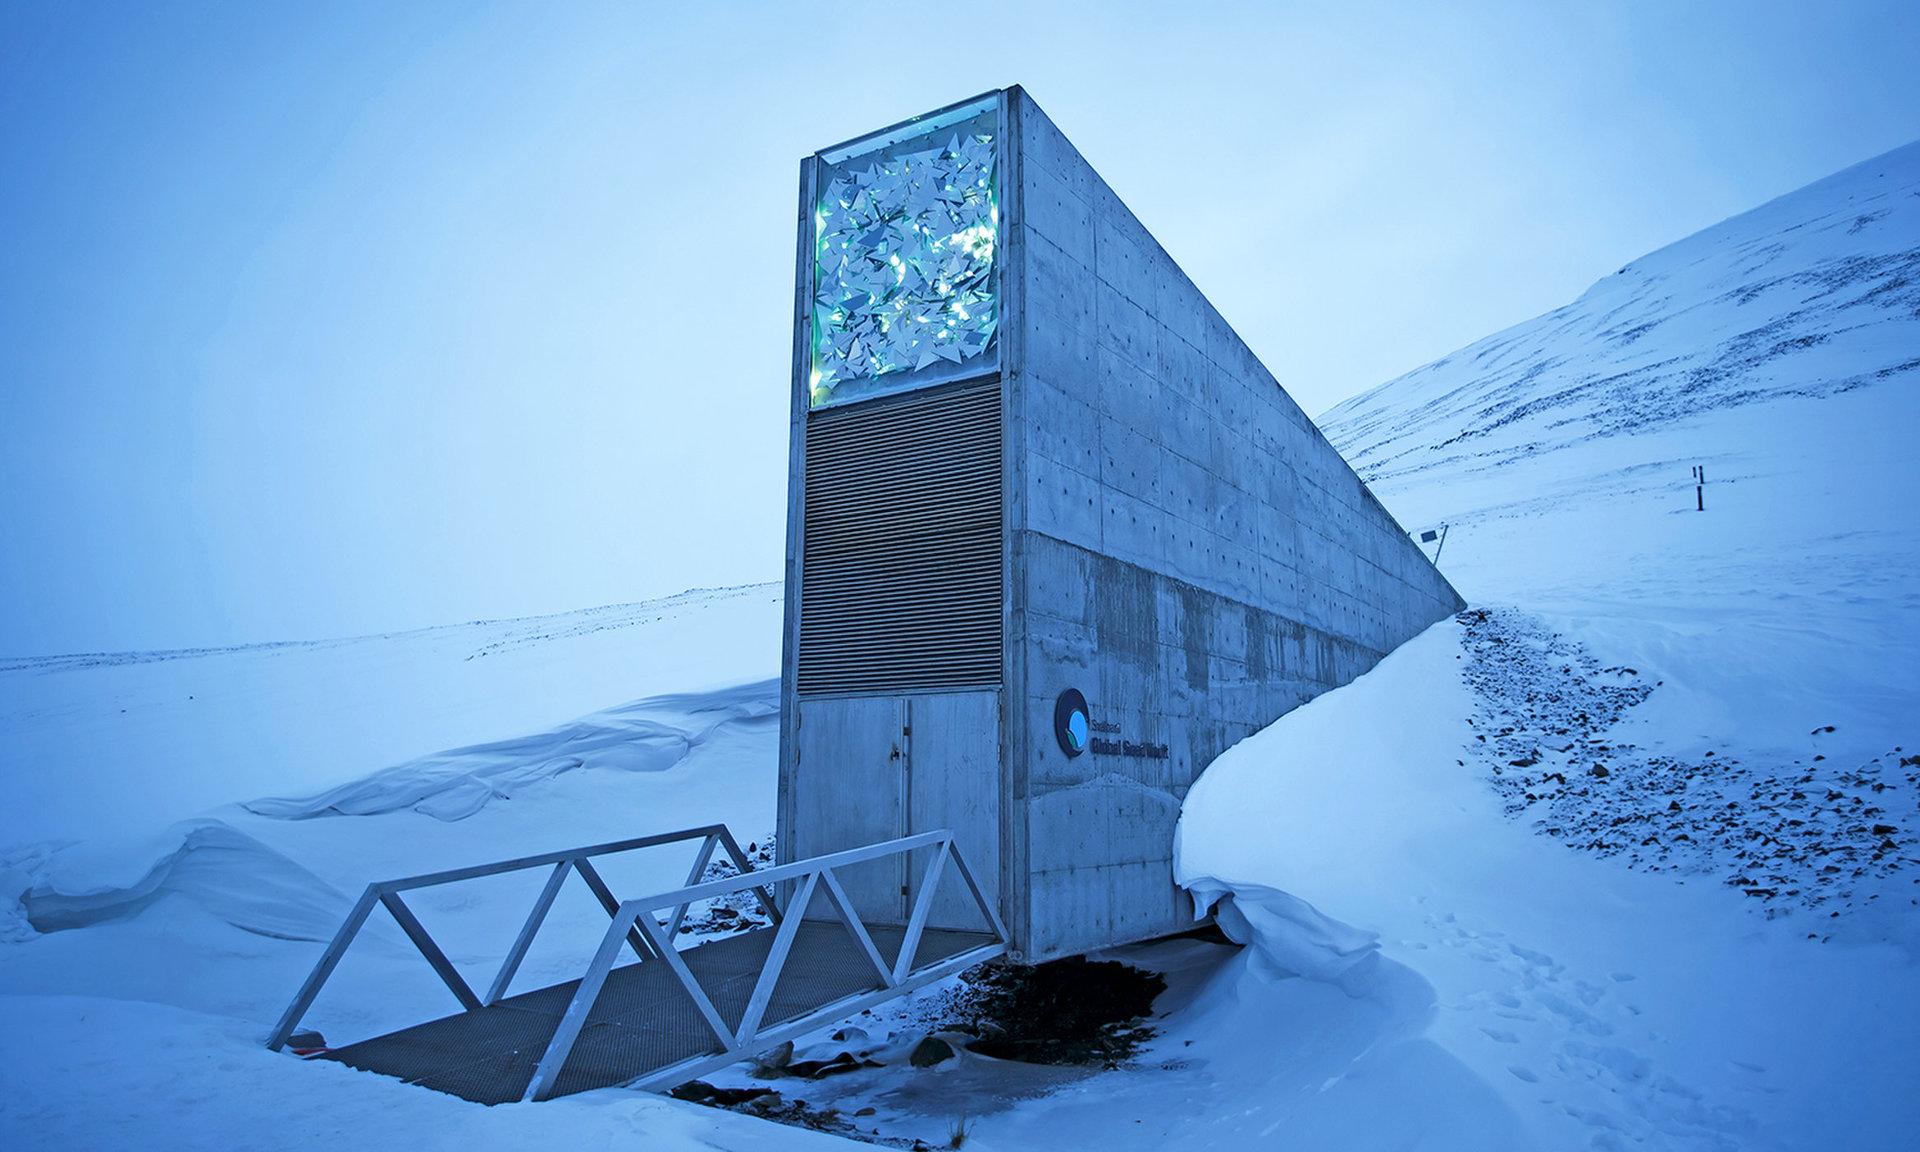 Бункер судного дня в Норвегии теперь будет хранить не только семена, но и данные - 1